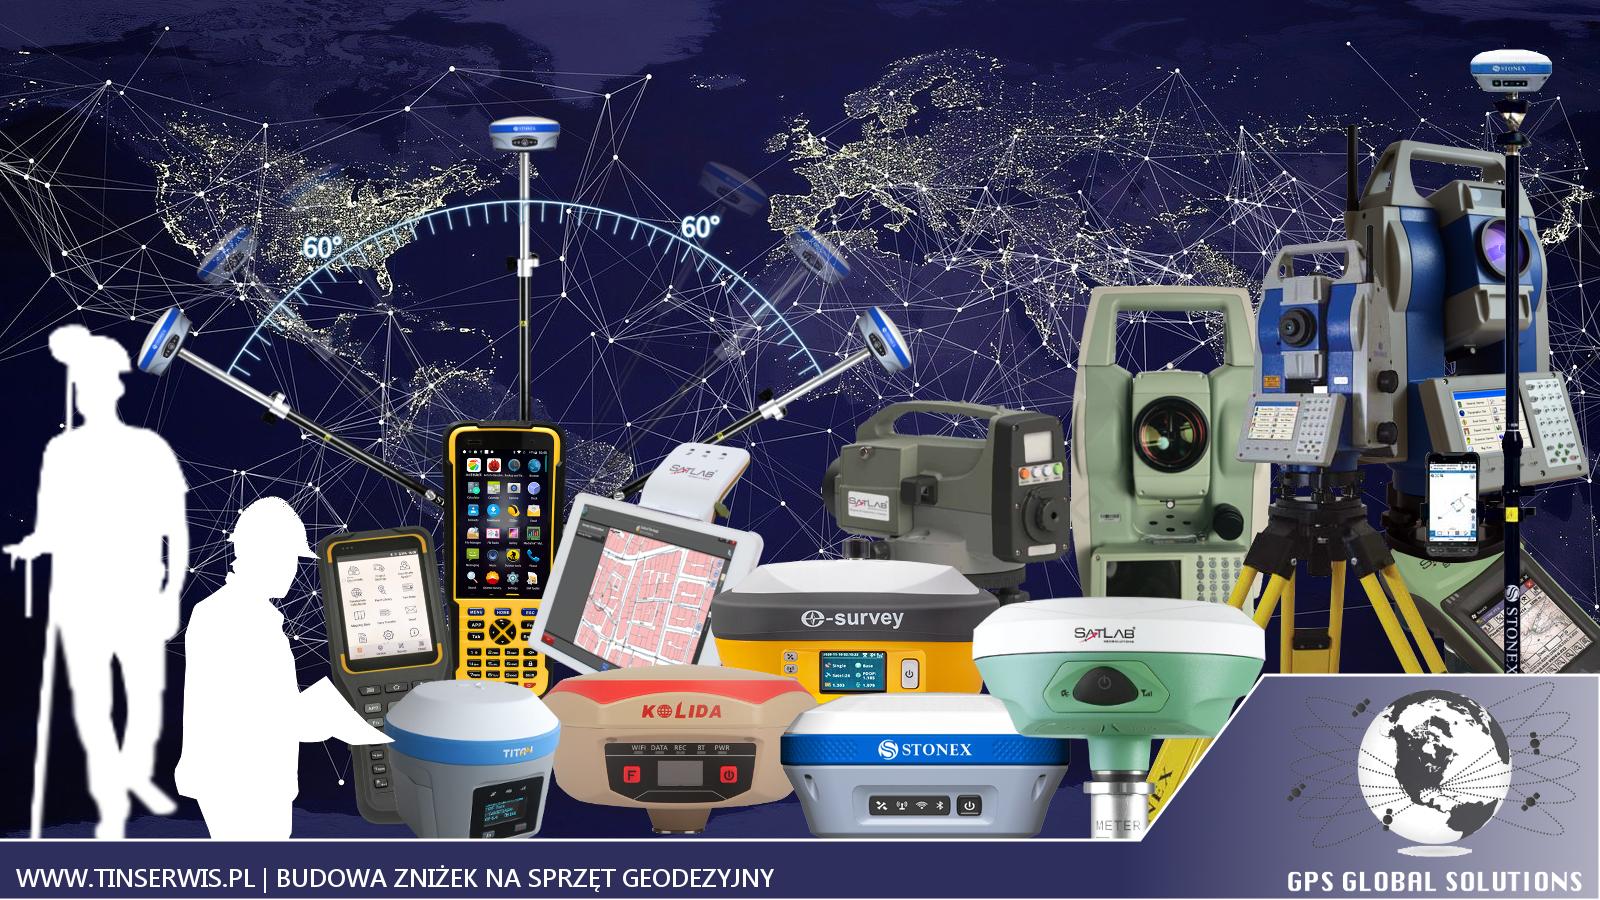 promocje na sprzęt geodezyjny: satlab, kolida, stonex, titan, e-survey